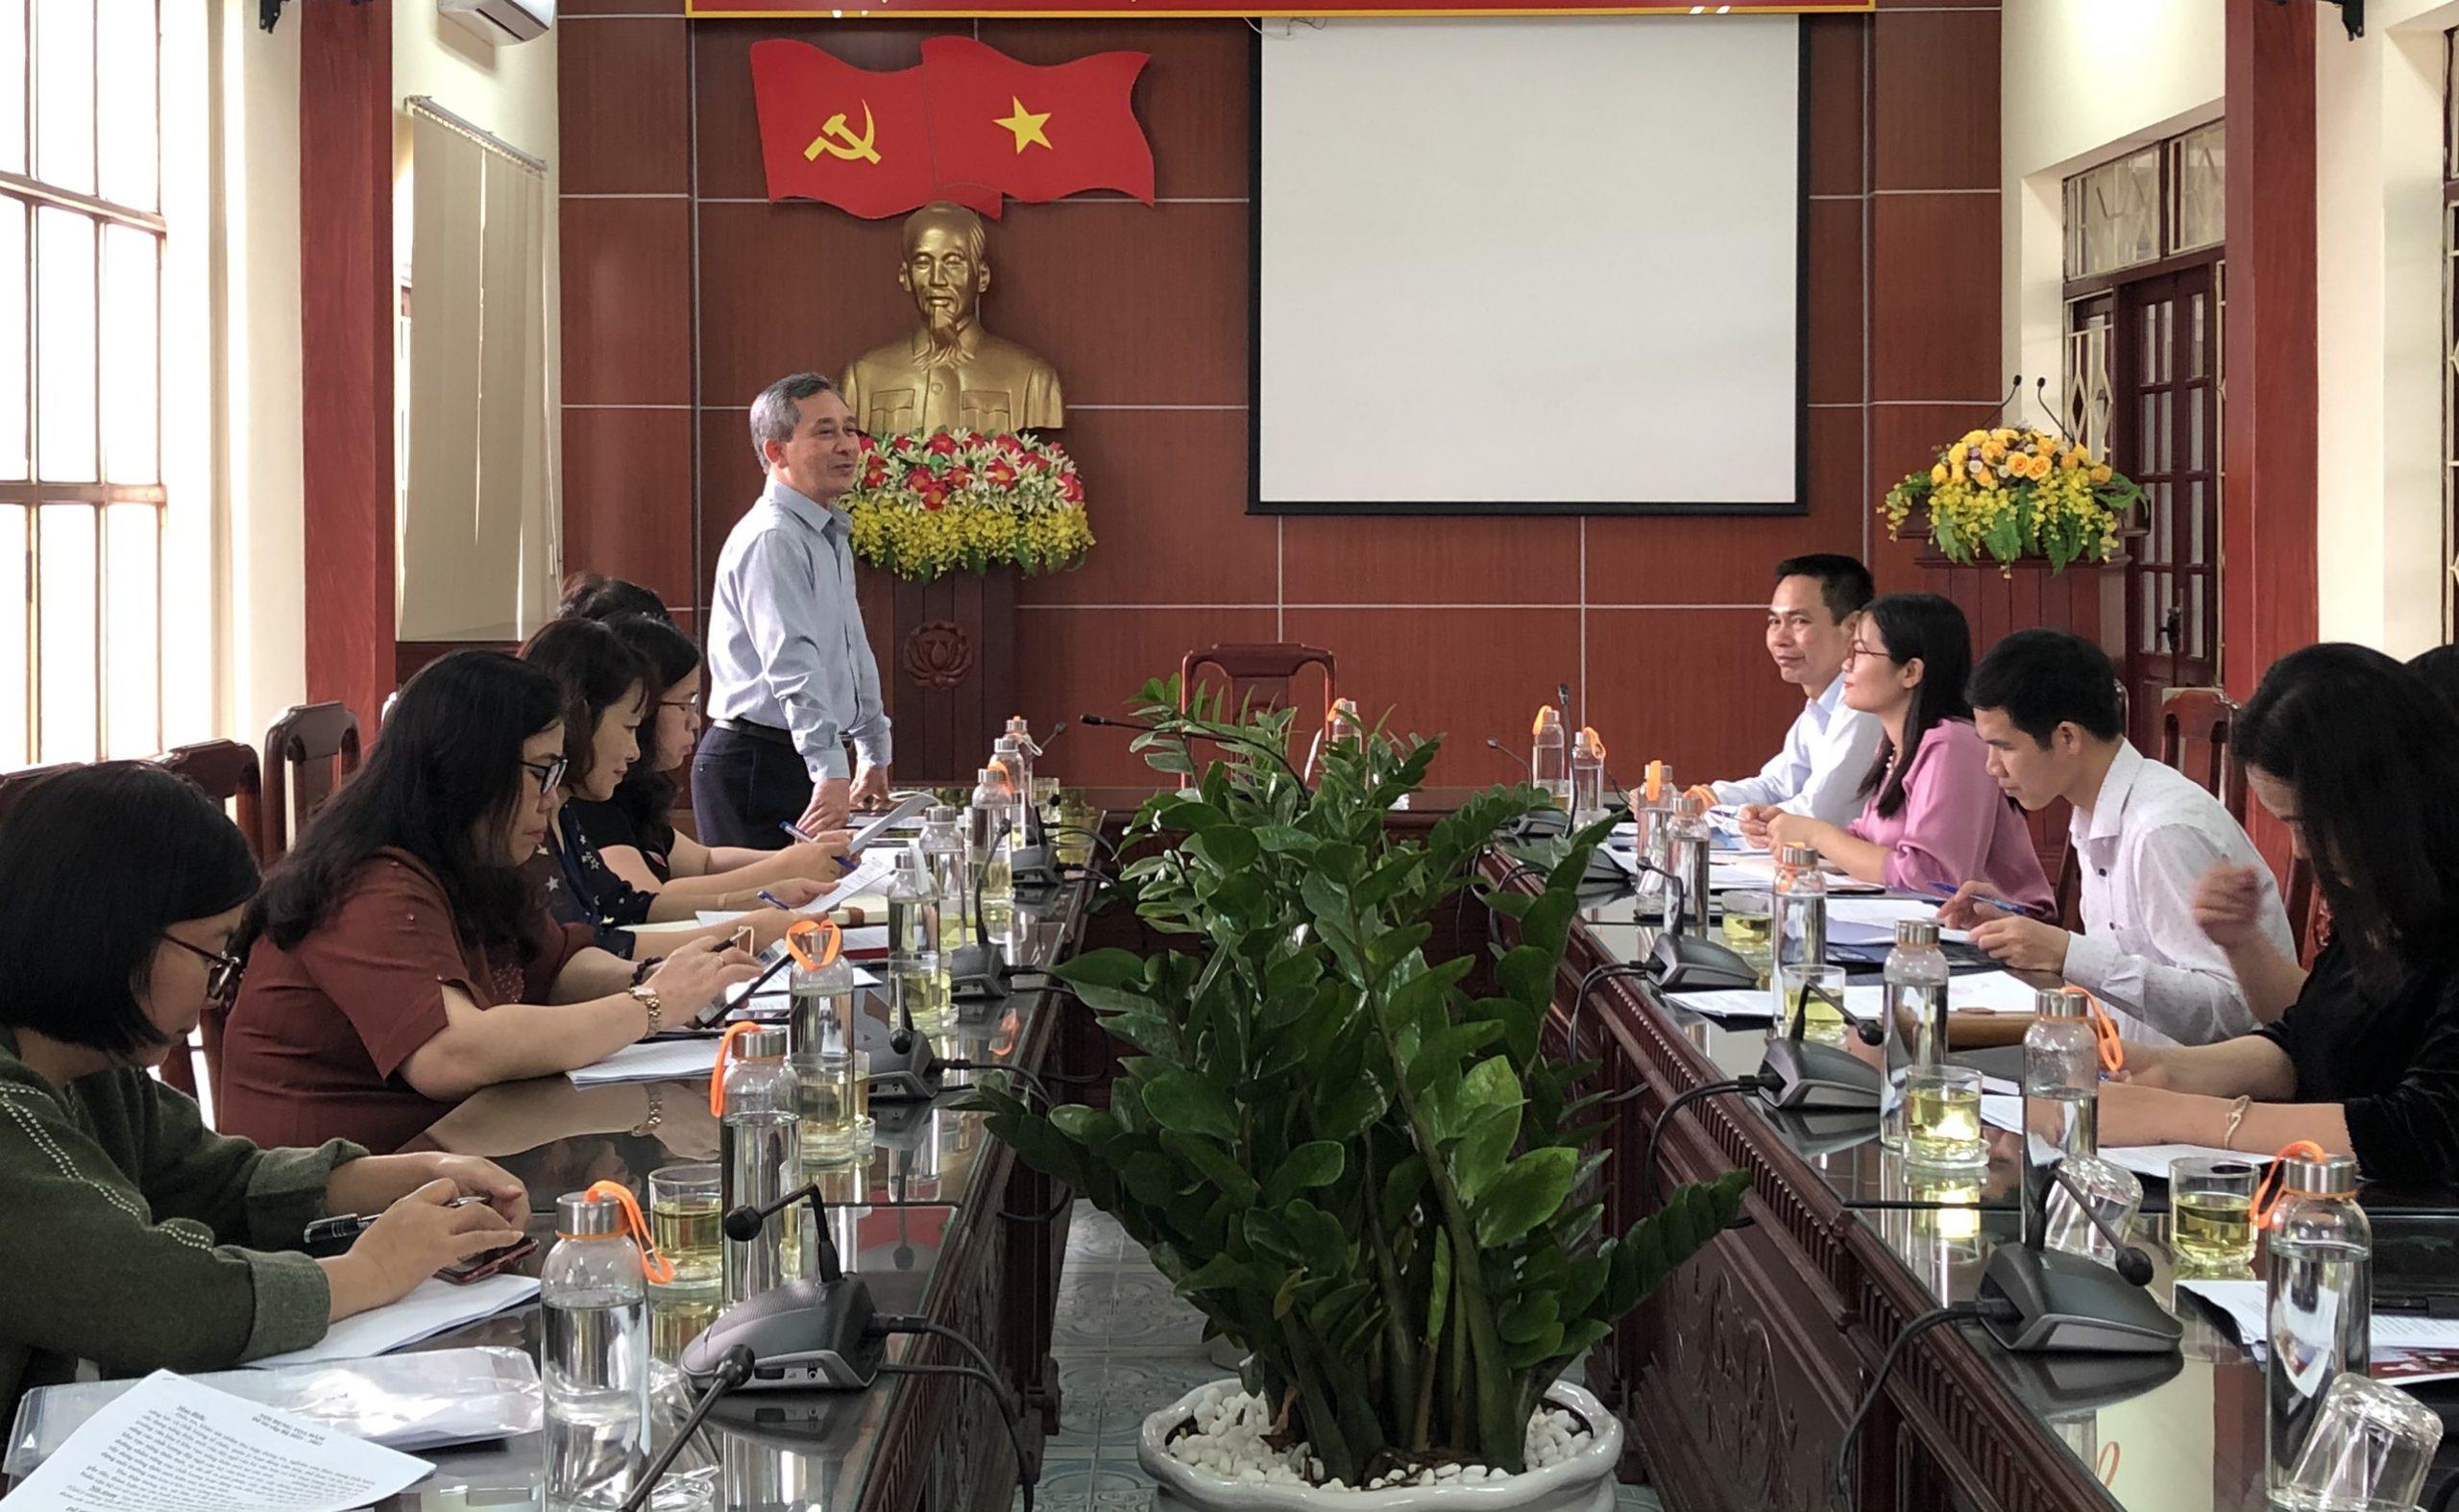 Điều tra, khảo sát đánh giá thực trạng chất lượng hoạt động của đội ngũ cán bộ văn hóa cơ sở và thực trạng xây dựng môi trường văn hóa ở khu vực nông thôn mới tại tỉnh Ninh Bình, Nam Định